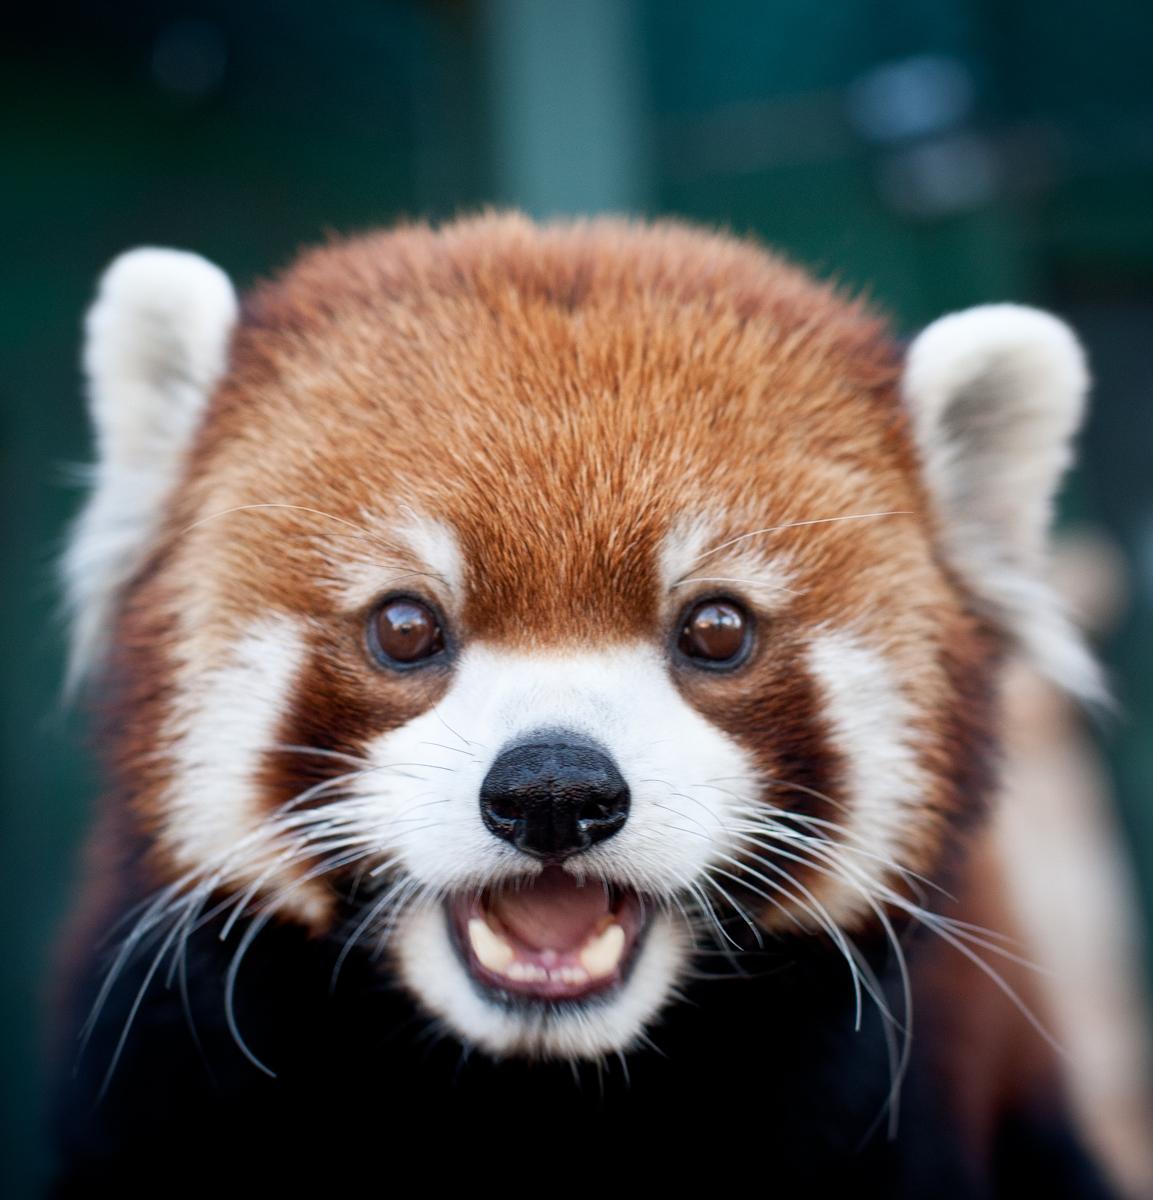 Cute Red Panda Wallpaper HD Panda Cute Cute Red Panda Cute Red 1153x1200